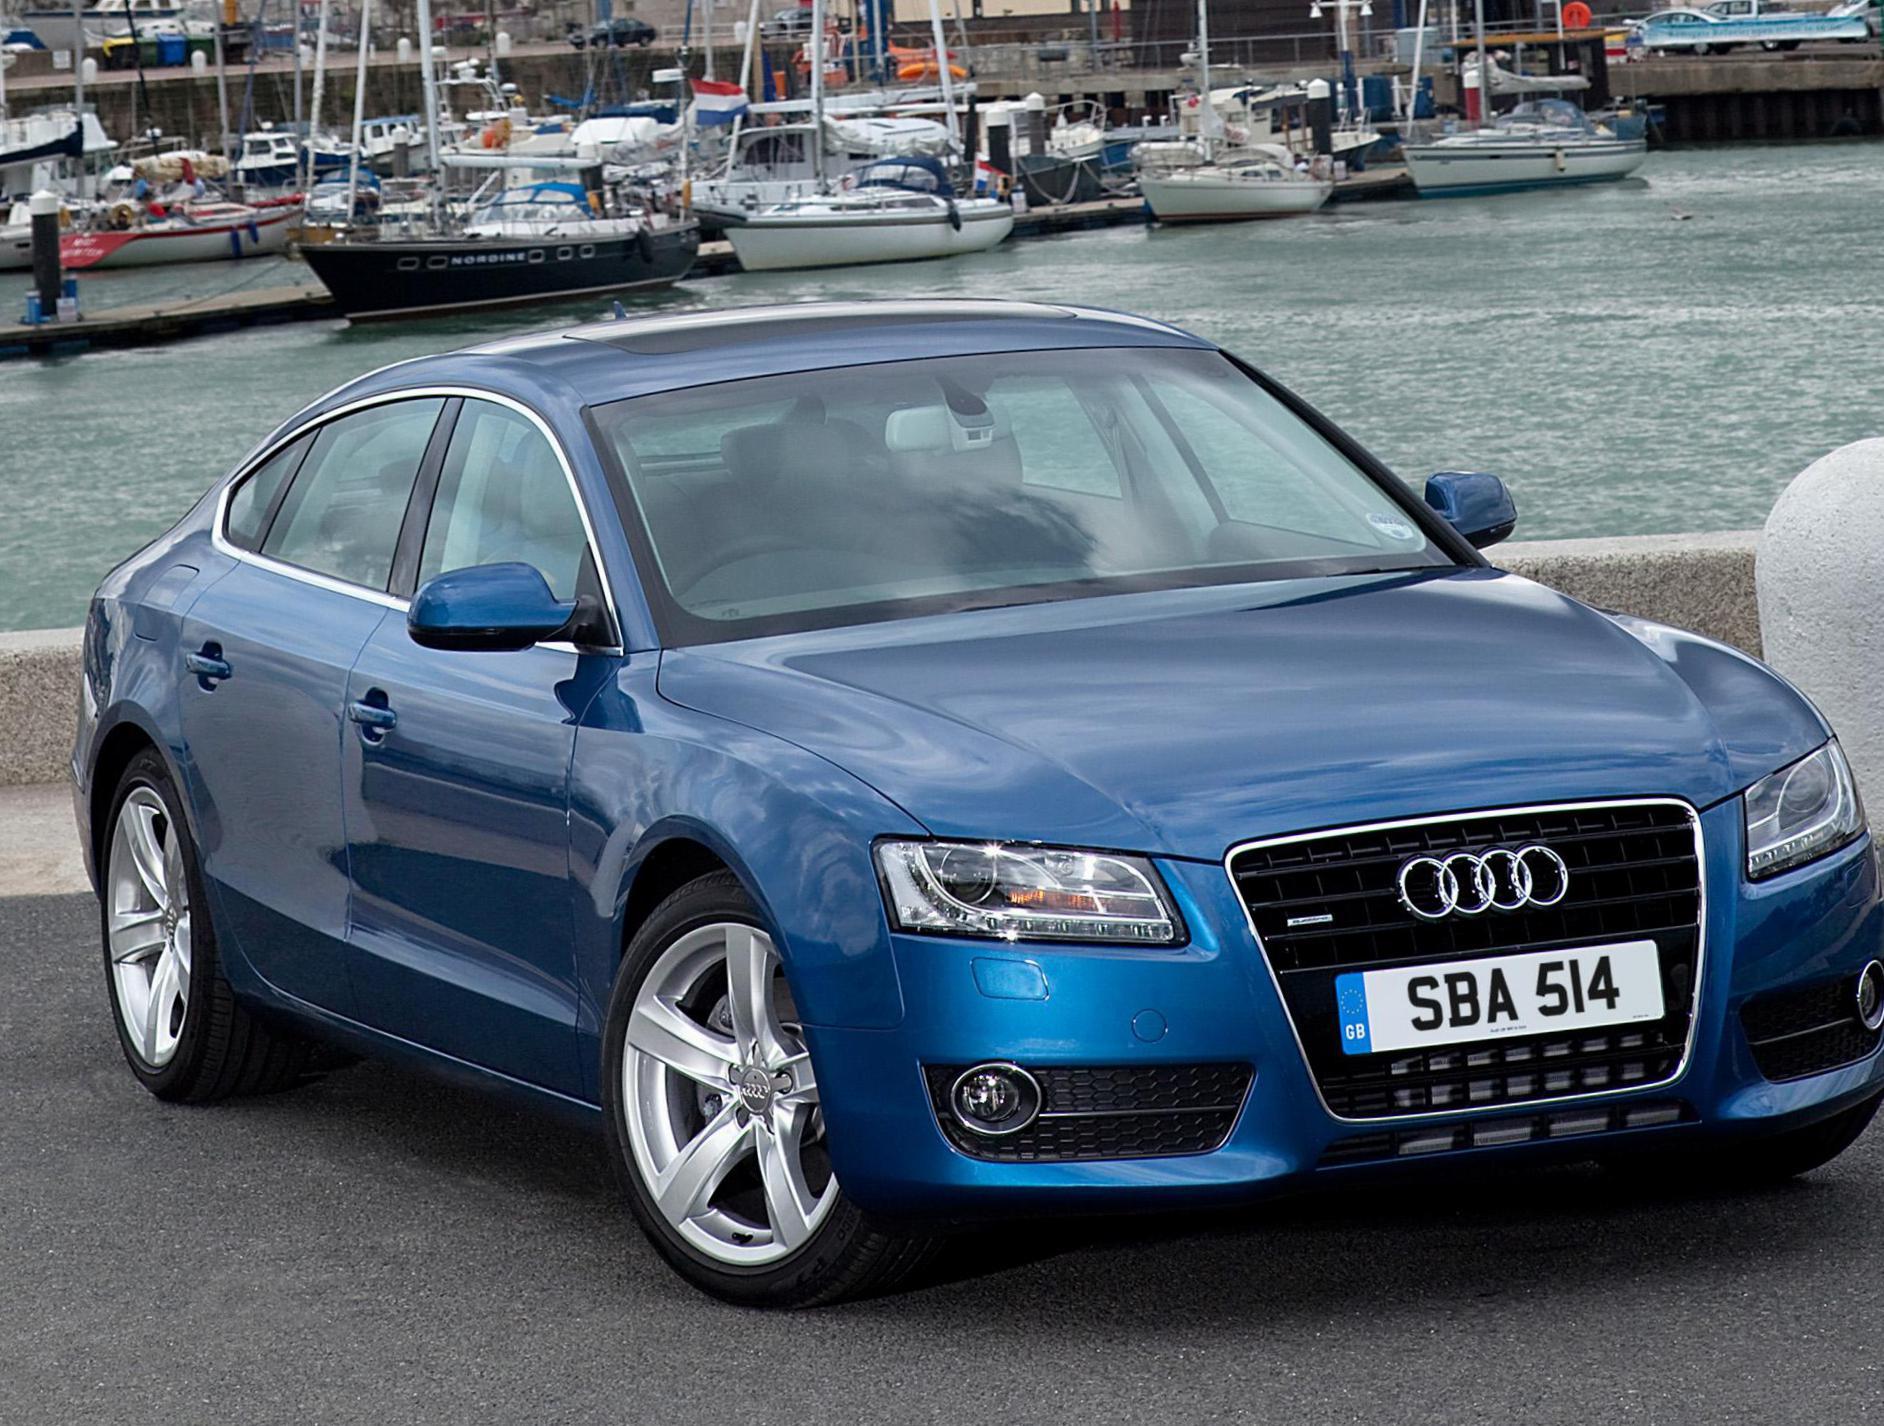 Kelebihan Kekurangan Audi A5 2005 Harga